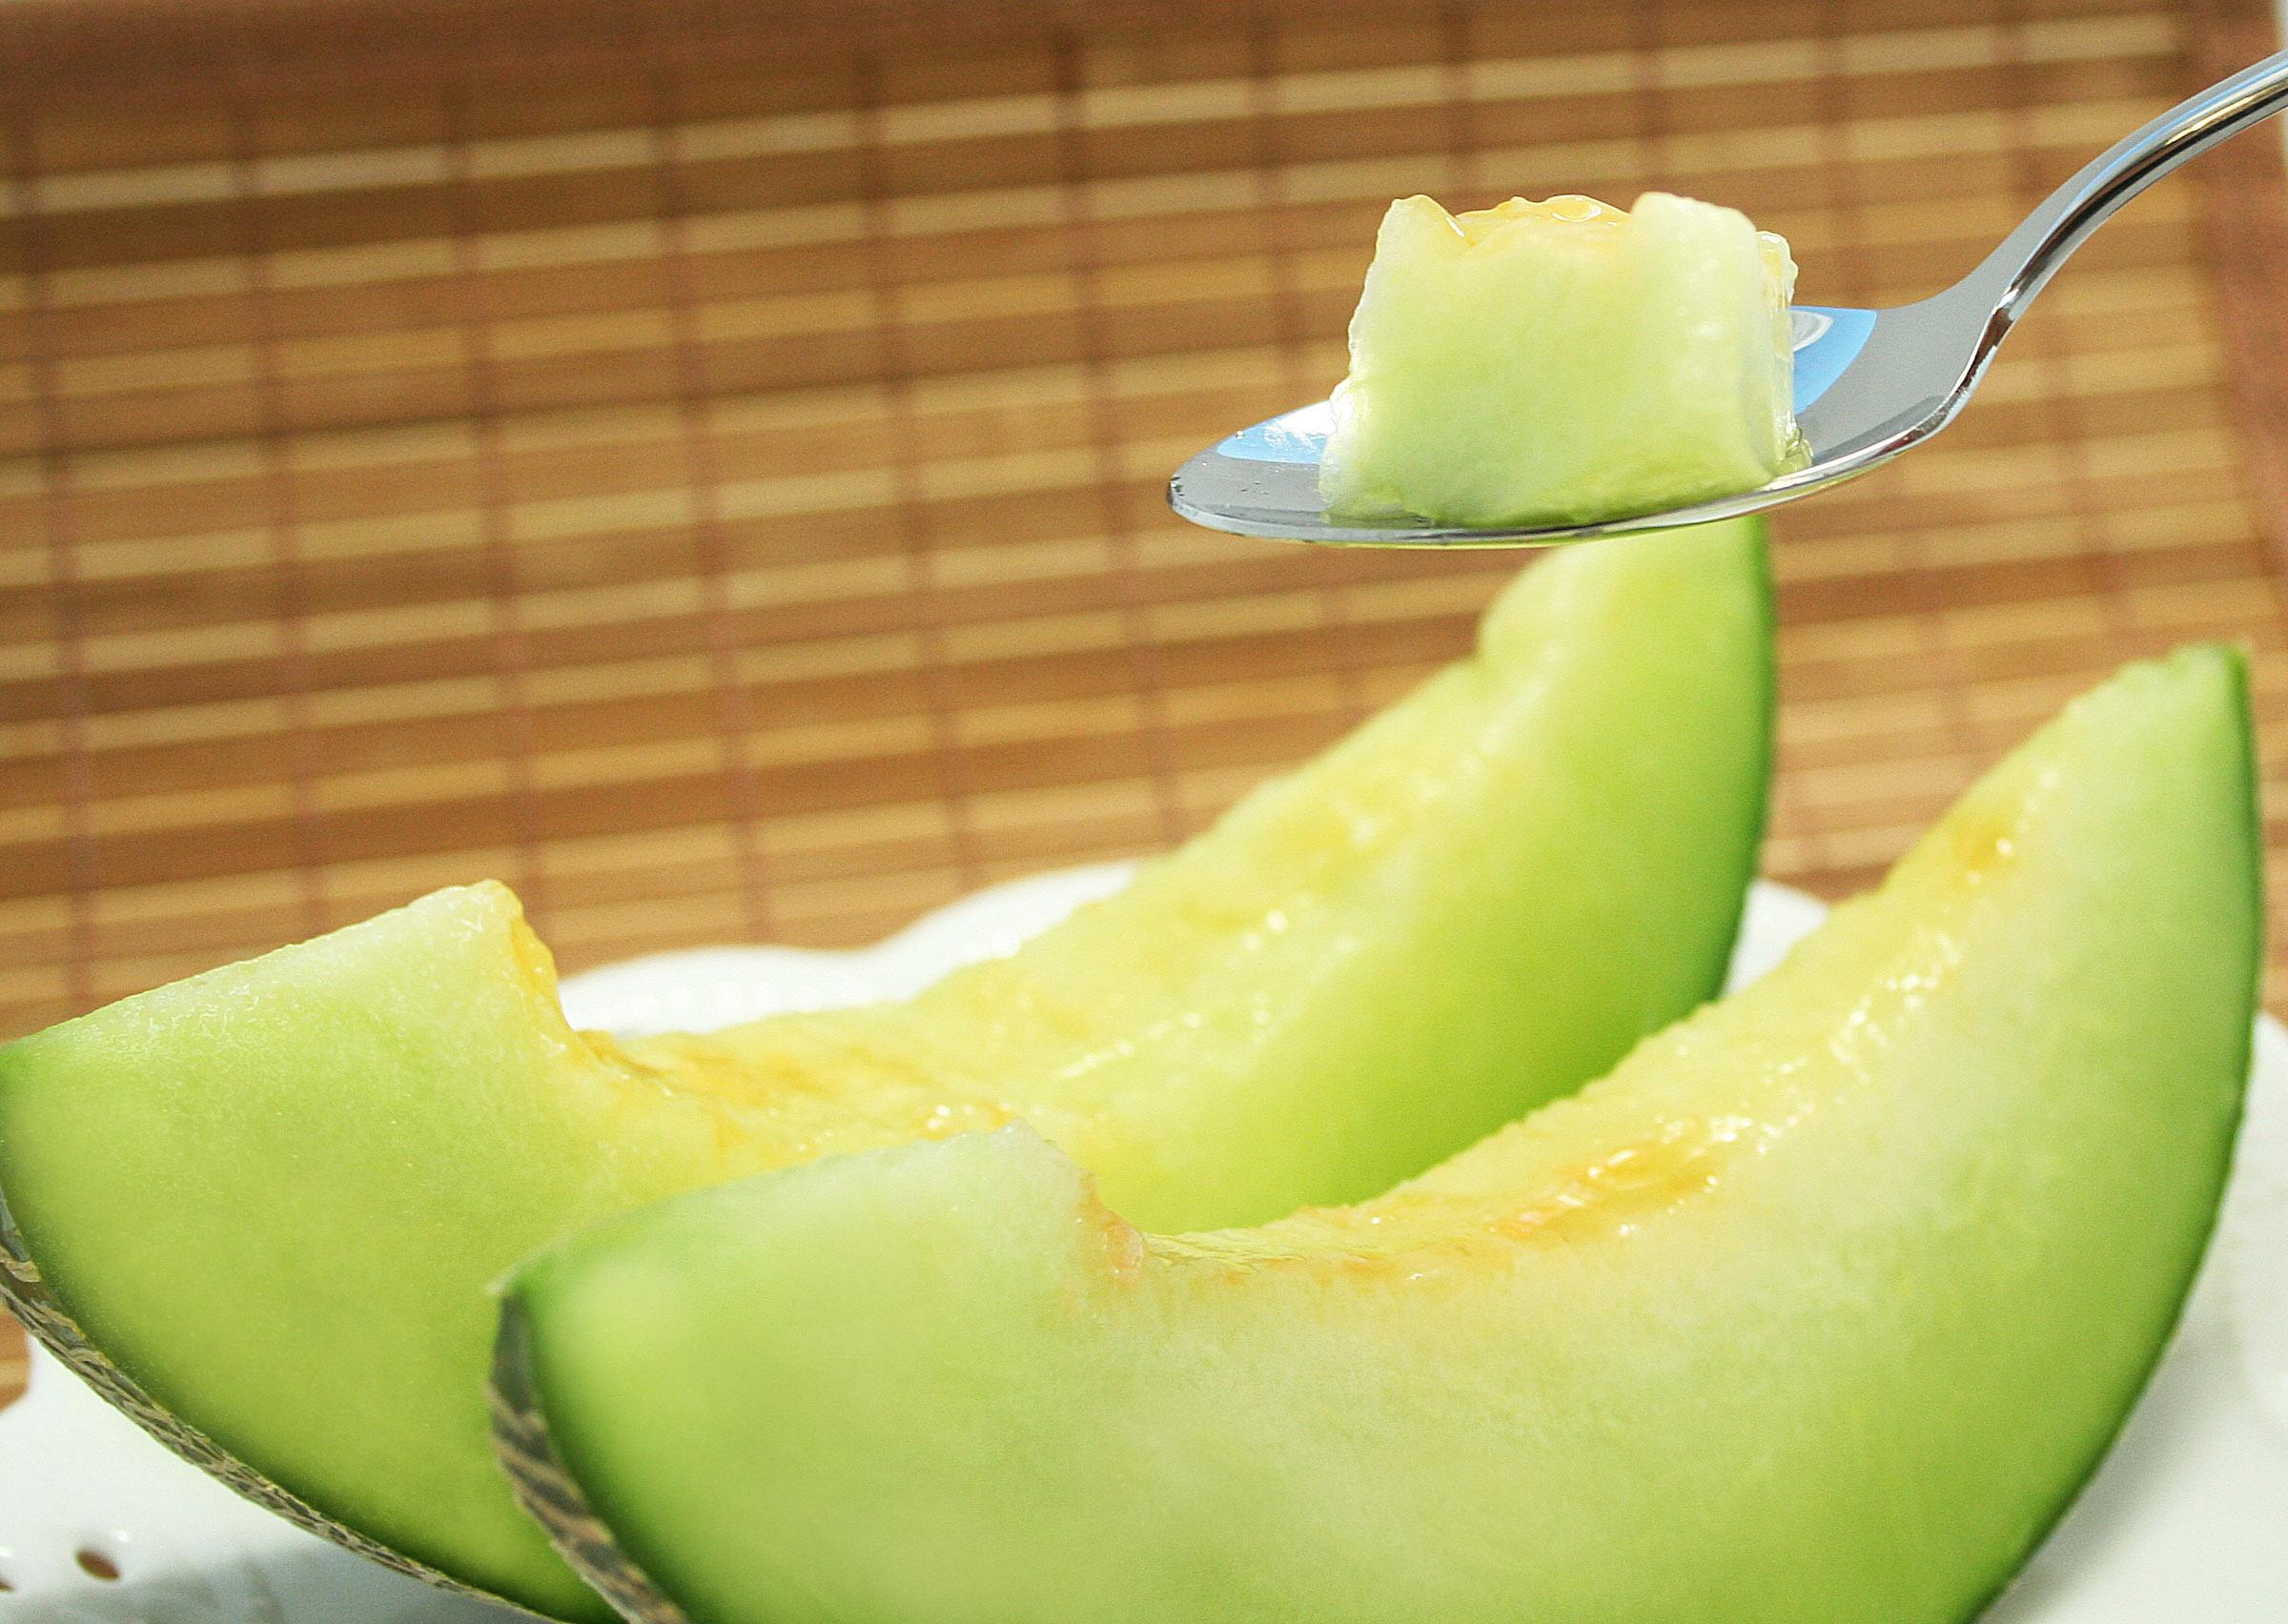 メロンはダイエットに向いてる?メロンのカロリーと栄養効果!のサムネイル画像